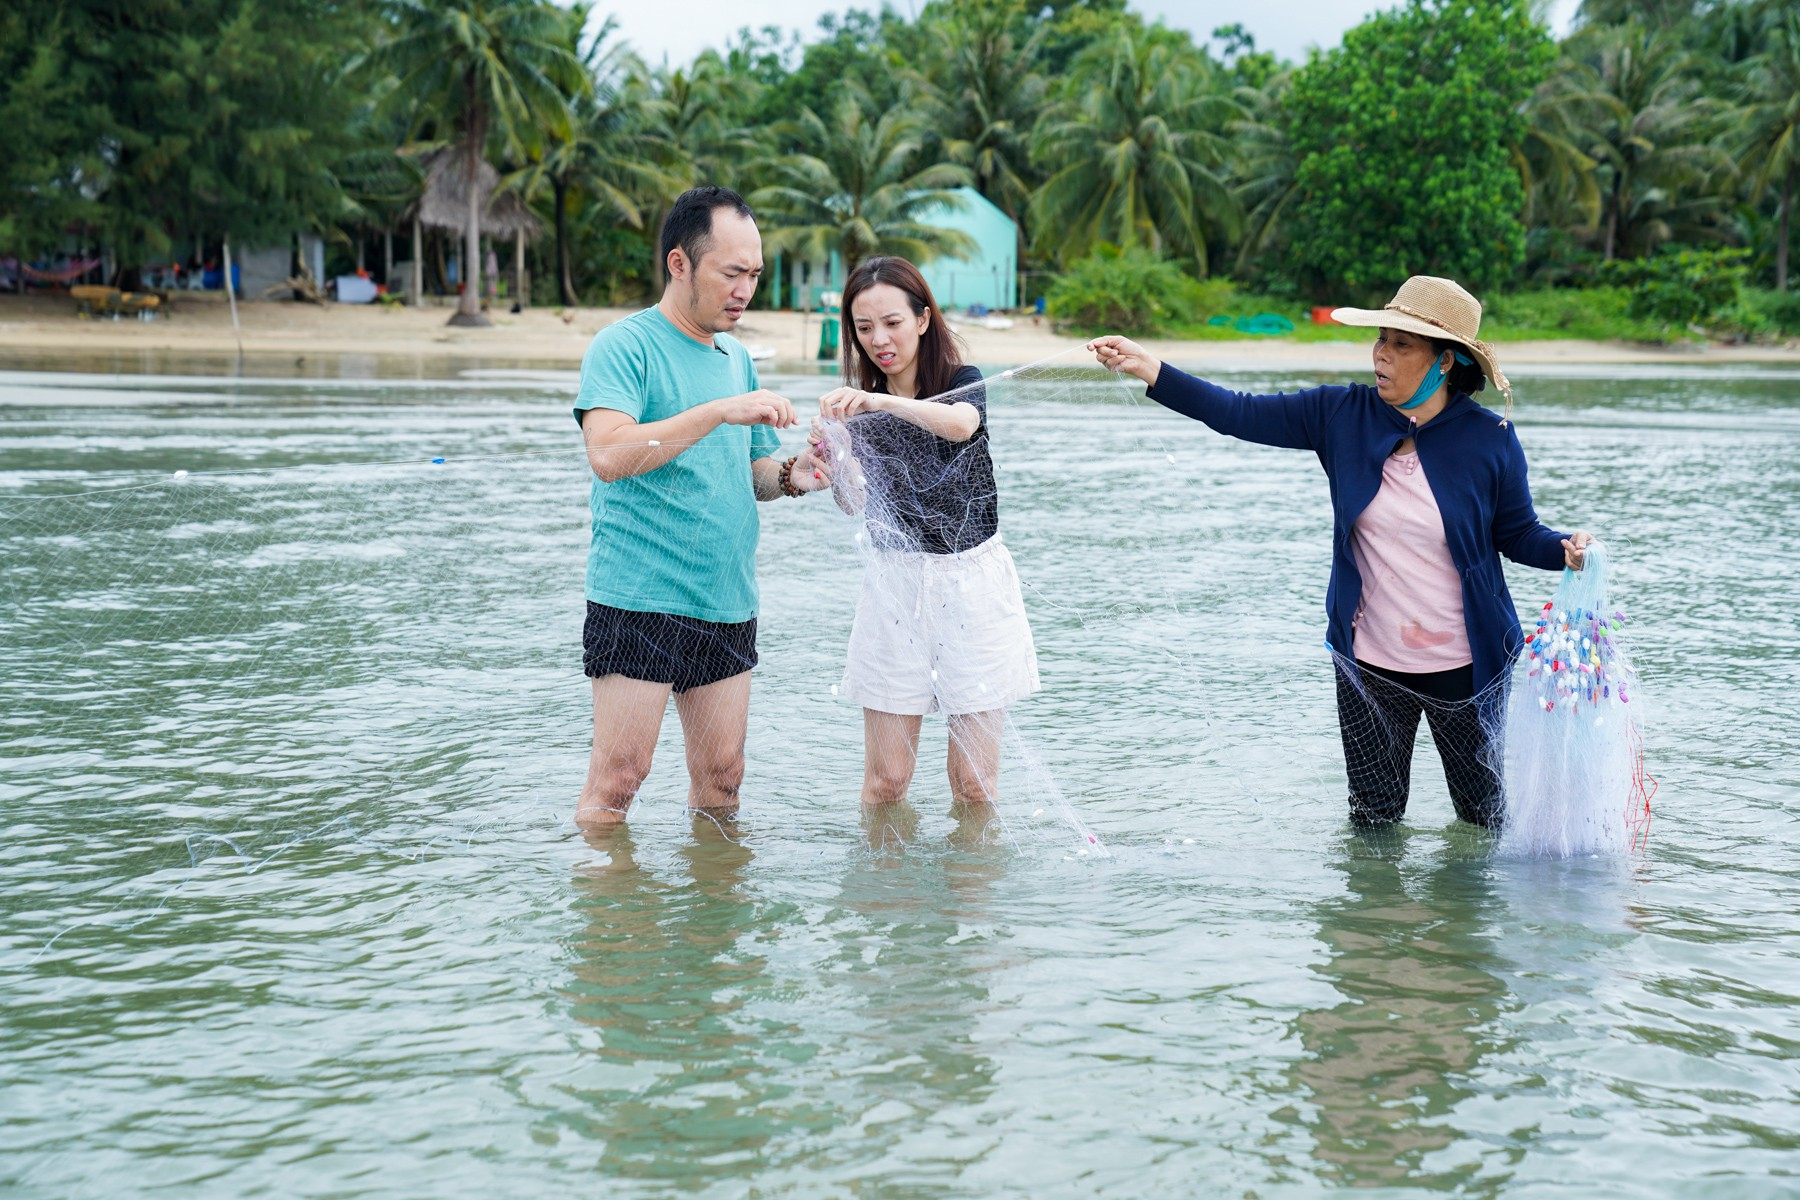 Thu Trang - Tiến Luật hăng hái đi phượt trong mưa giữa đảo ngọc Phú Quốc trong show truyền hình thực tế